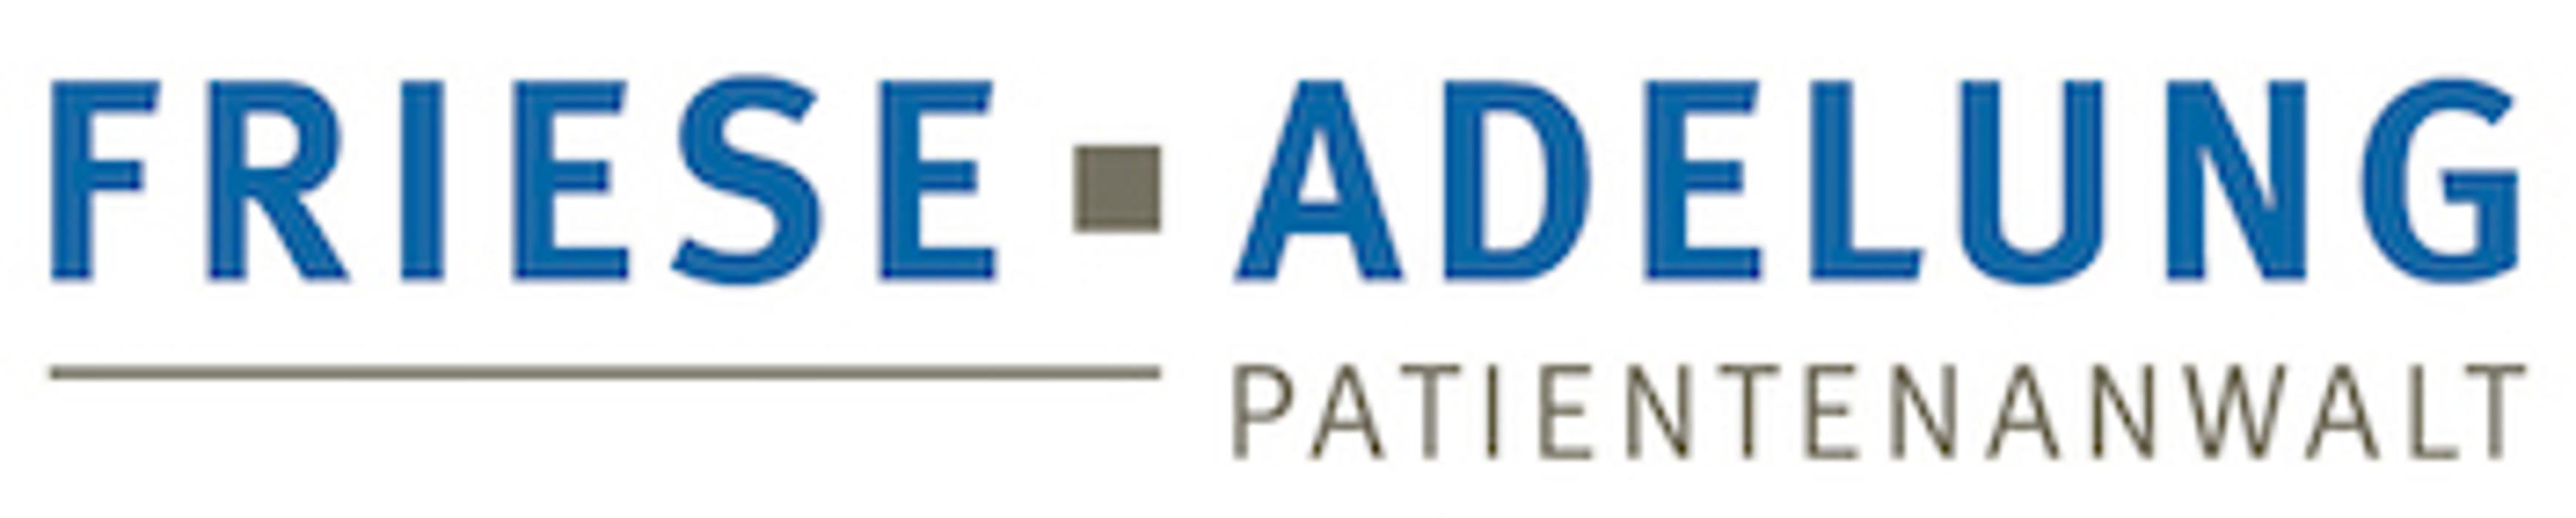 Bild zu Patientenanwalt - Rechtsanwälte Friese und Adelung Partnerschaft mbB in München